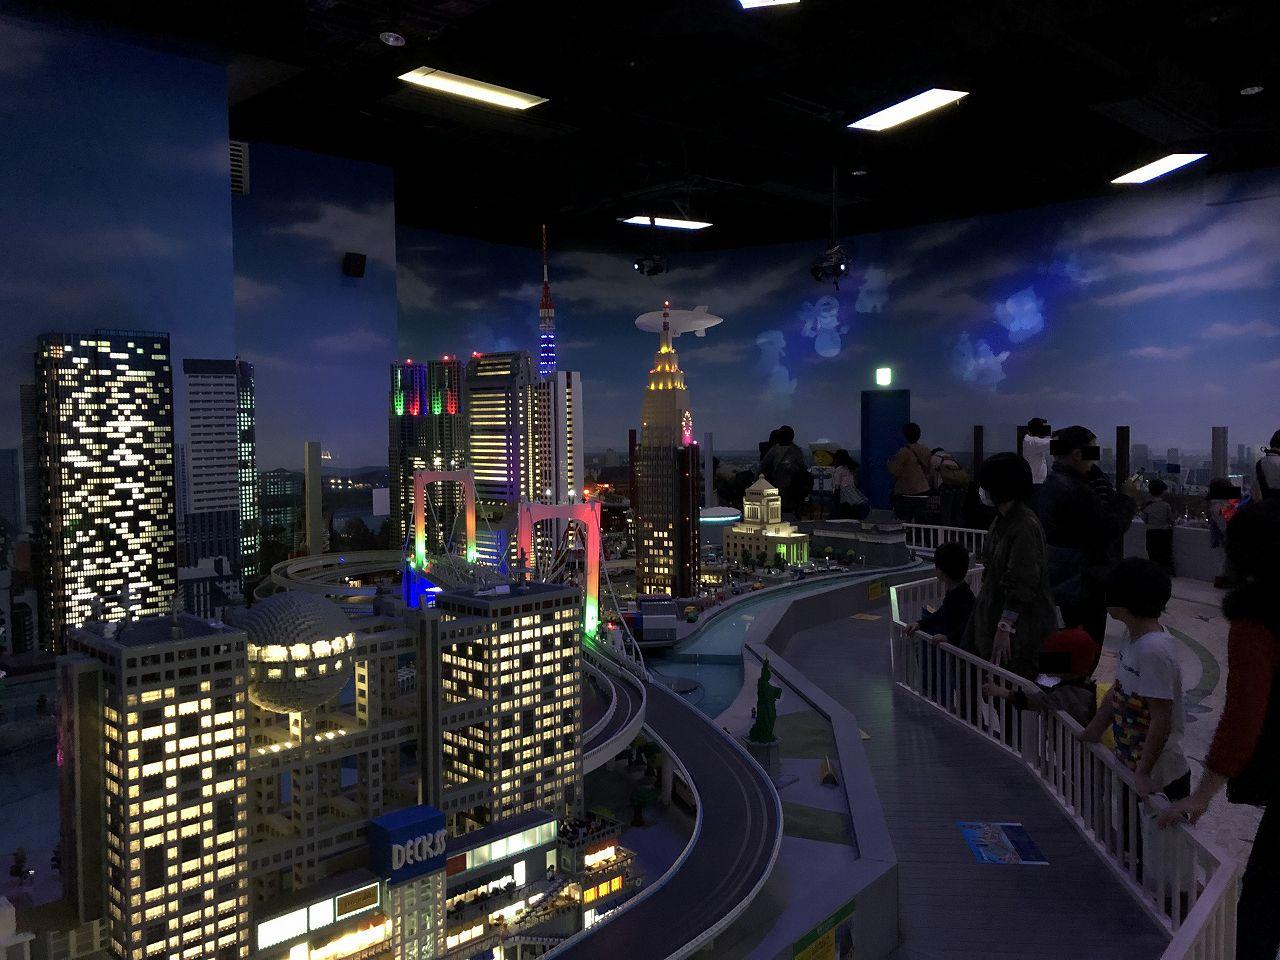 レゴで作られた夜景